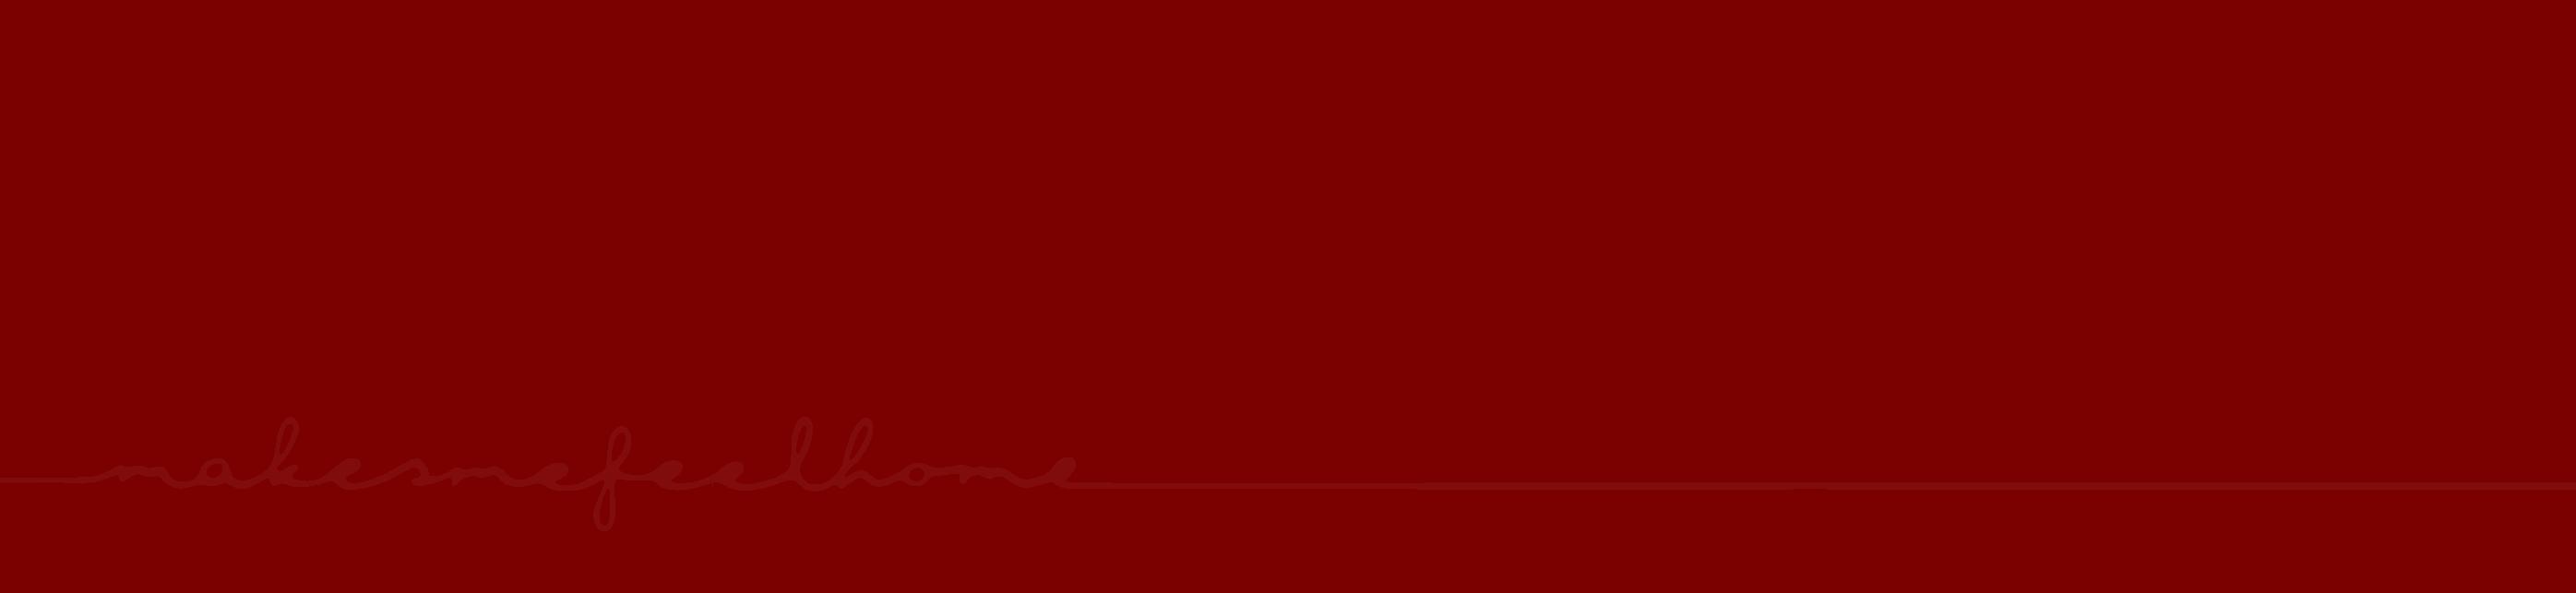 logo-makesmefeelhome